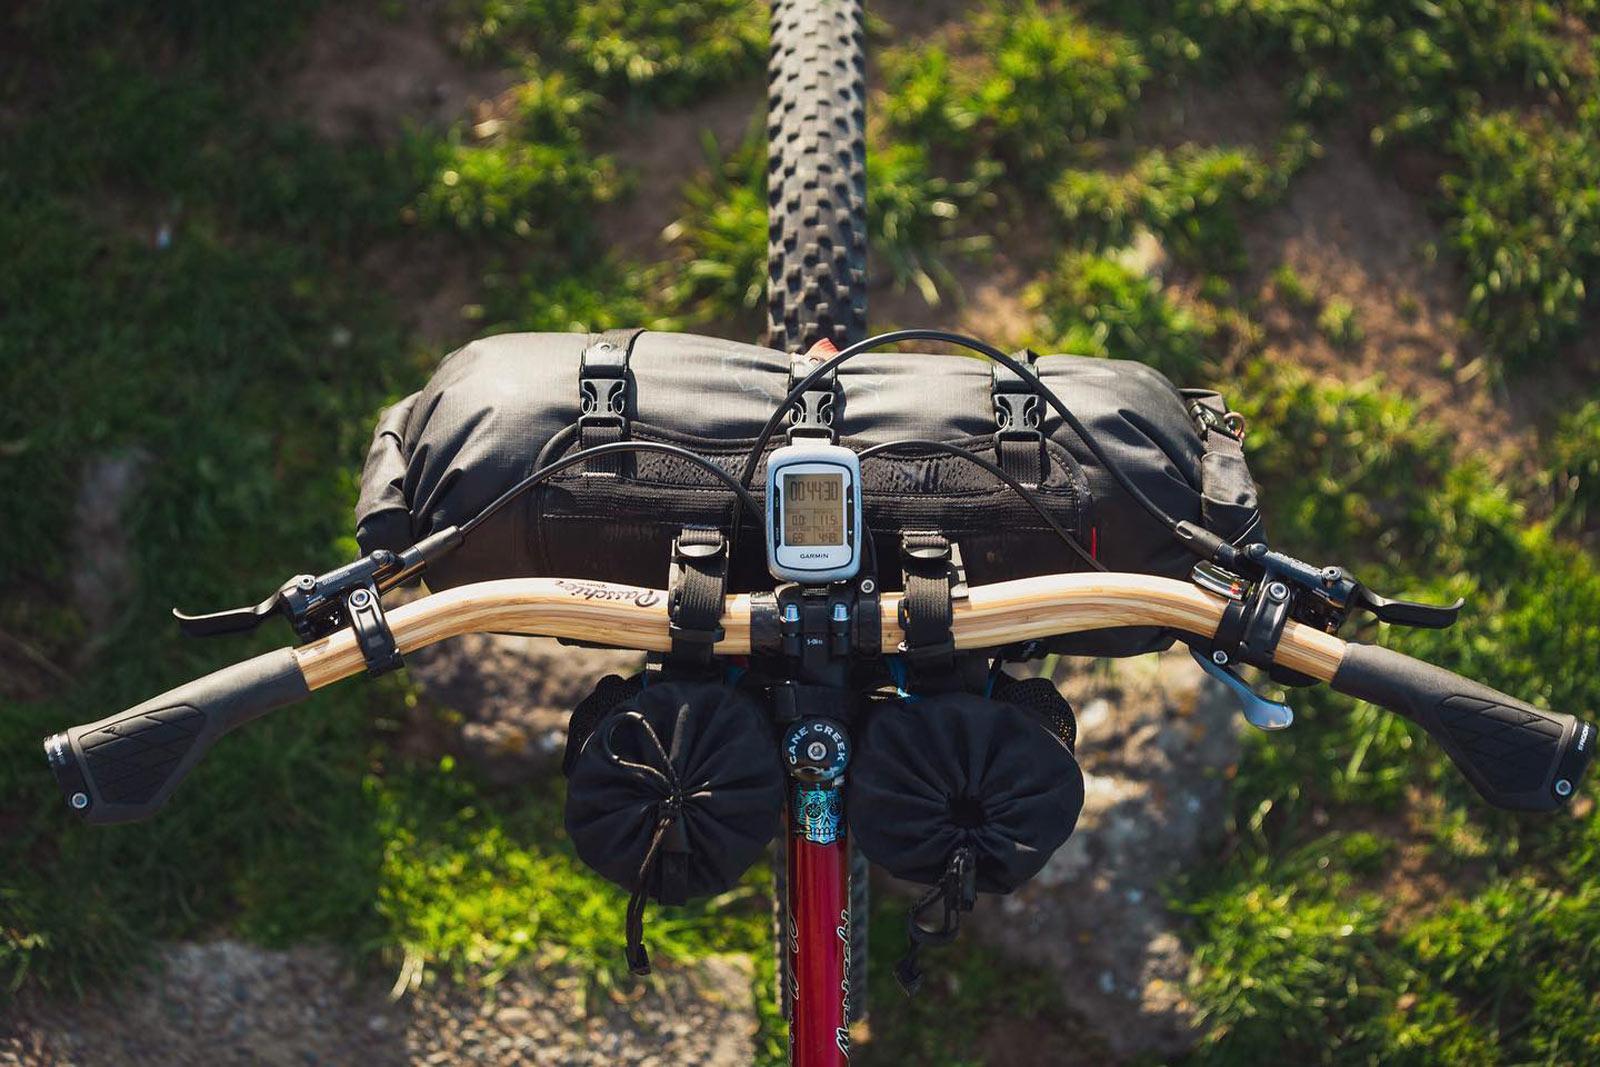 passchier gump bamboo handlebar bikepacking setup reduced hand arm fatigue